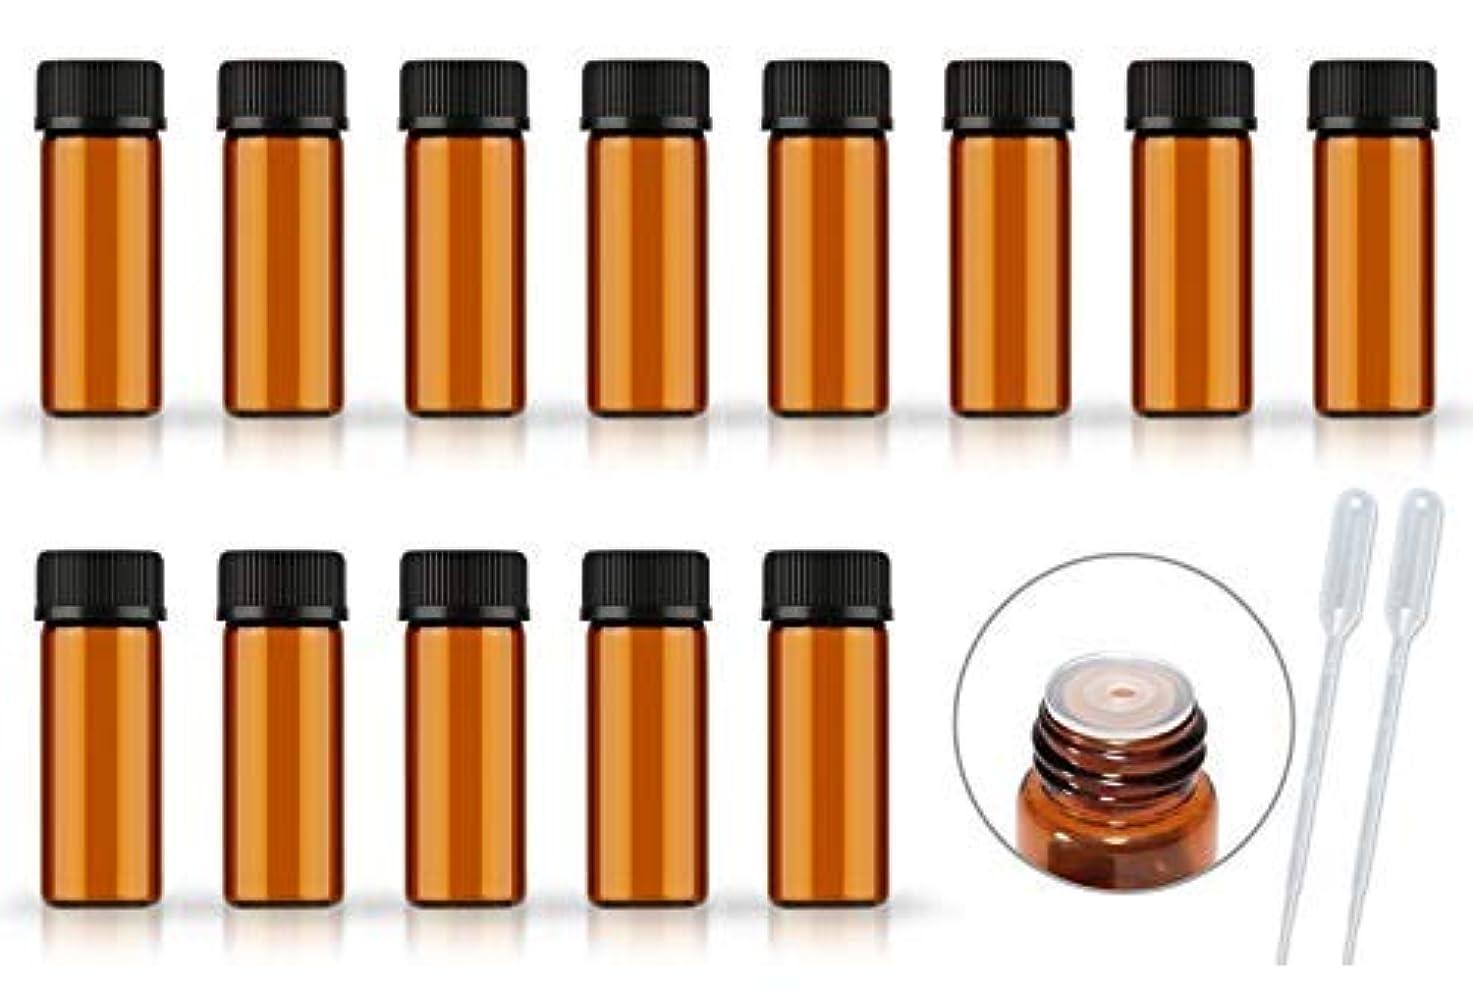 文言バンド前売50Pack Set 1ML 2ML 5ML Amber Glass Bottle with Orifice Reducer and Cap Small Essential Oil Vials (5ML) [並行輸入品]